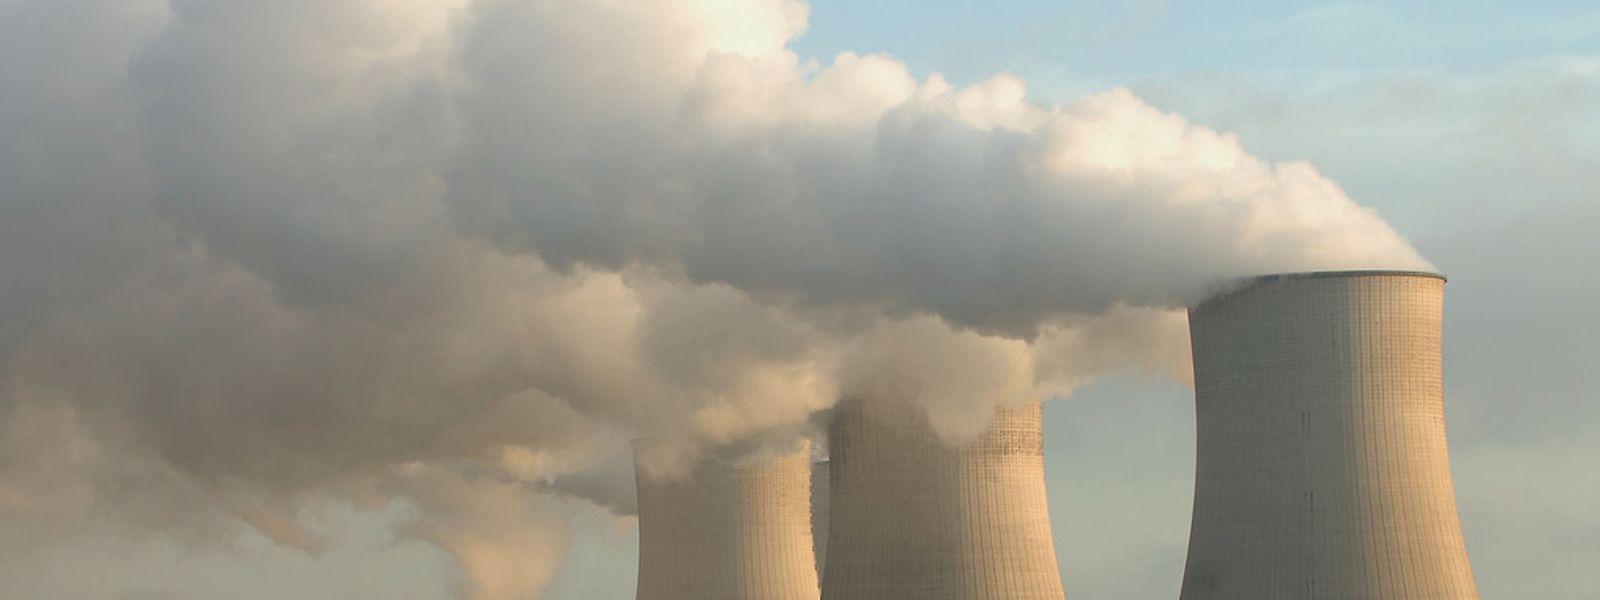 Der Gedanke: Durch die erhöhten Kosten, die durch das Haftungsgesetz theoretisch entstehen könnten, sollen veraltete Atommeiler, wie das von Cattenom, sich für EDF nicht mehr rentieren.